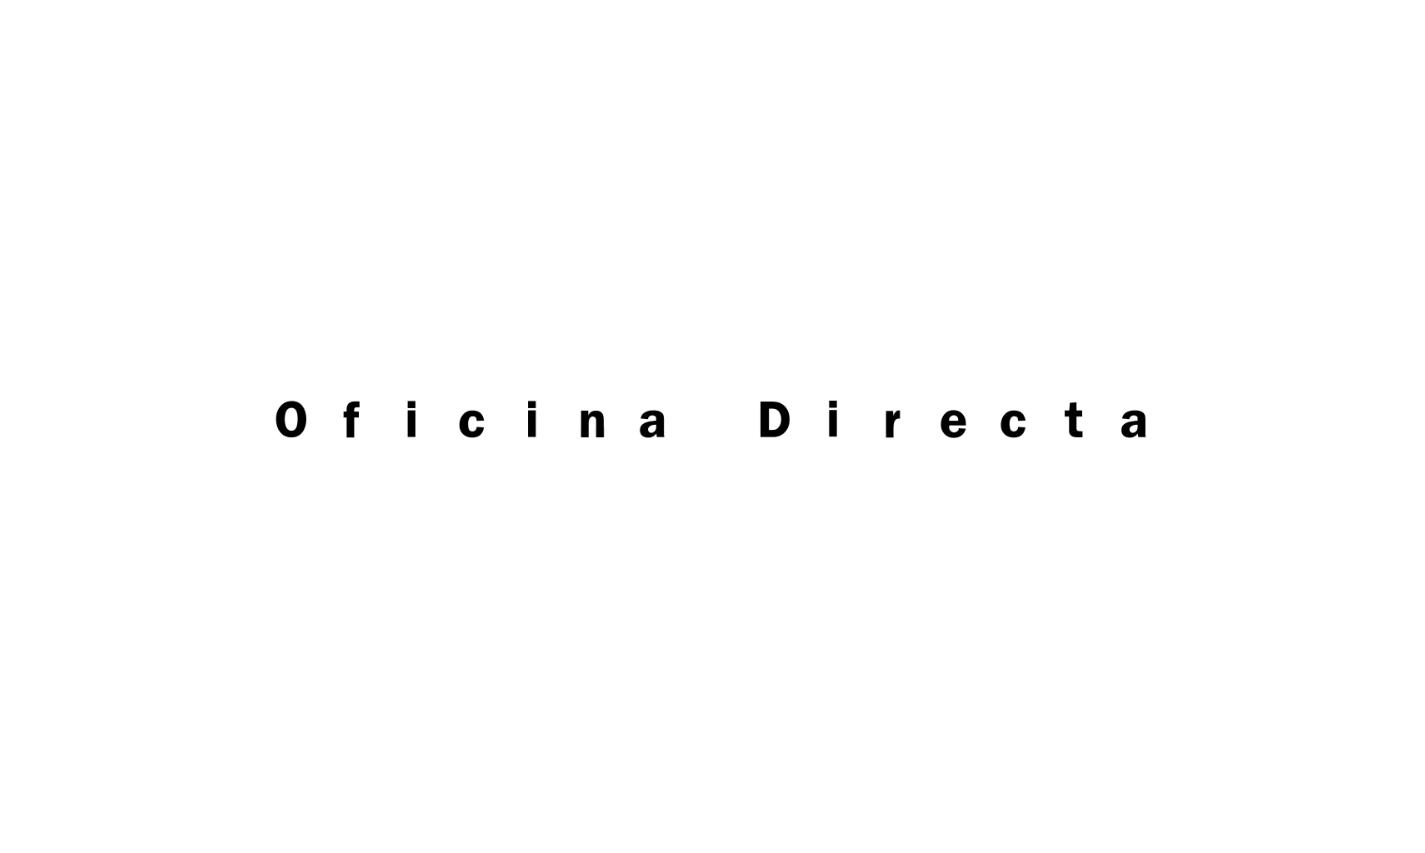 La Oficina Directa de Banco Sabadell